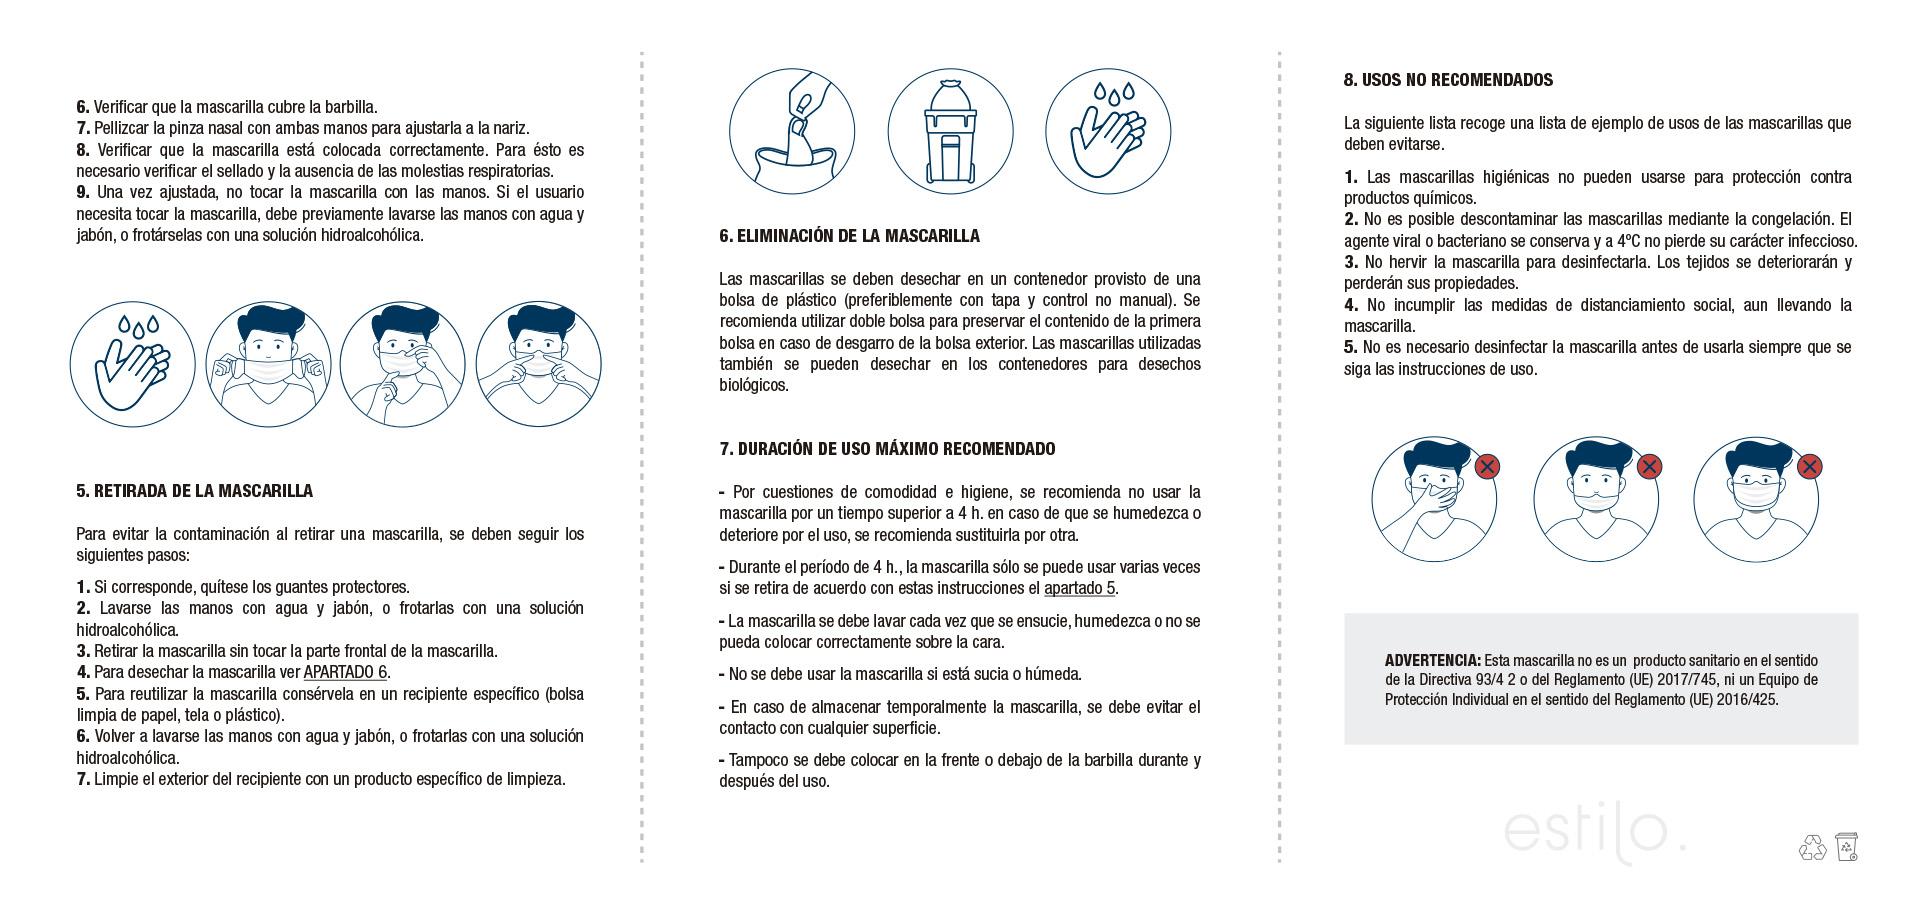 Instrucciones Mascarillas Estilo 2